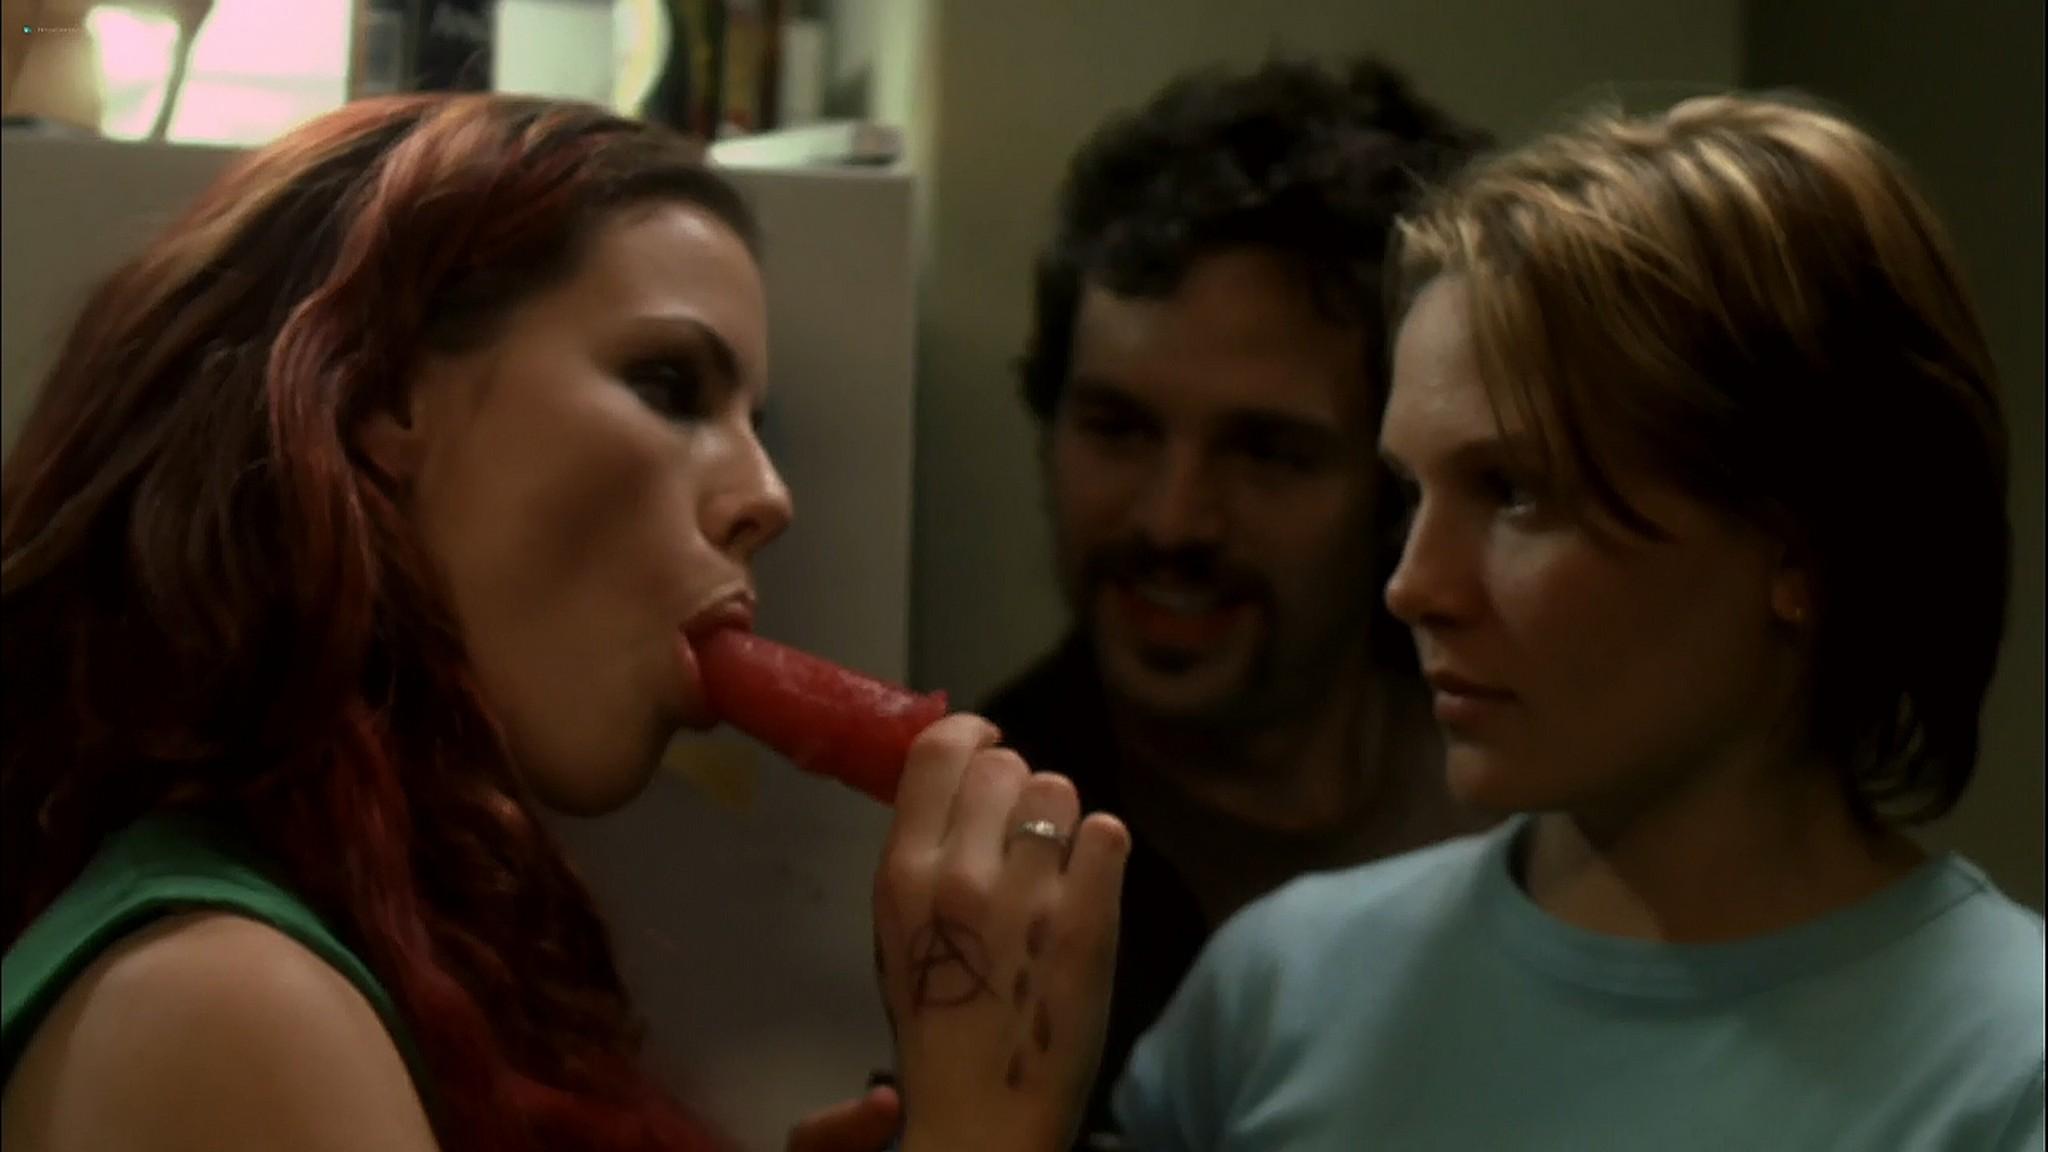 Kathleen Robertson sex threesome Maya Stange nude XX XY 2002 720p Web 2